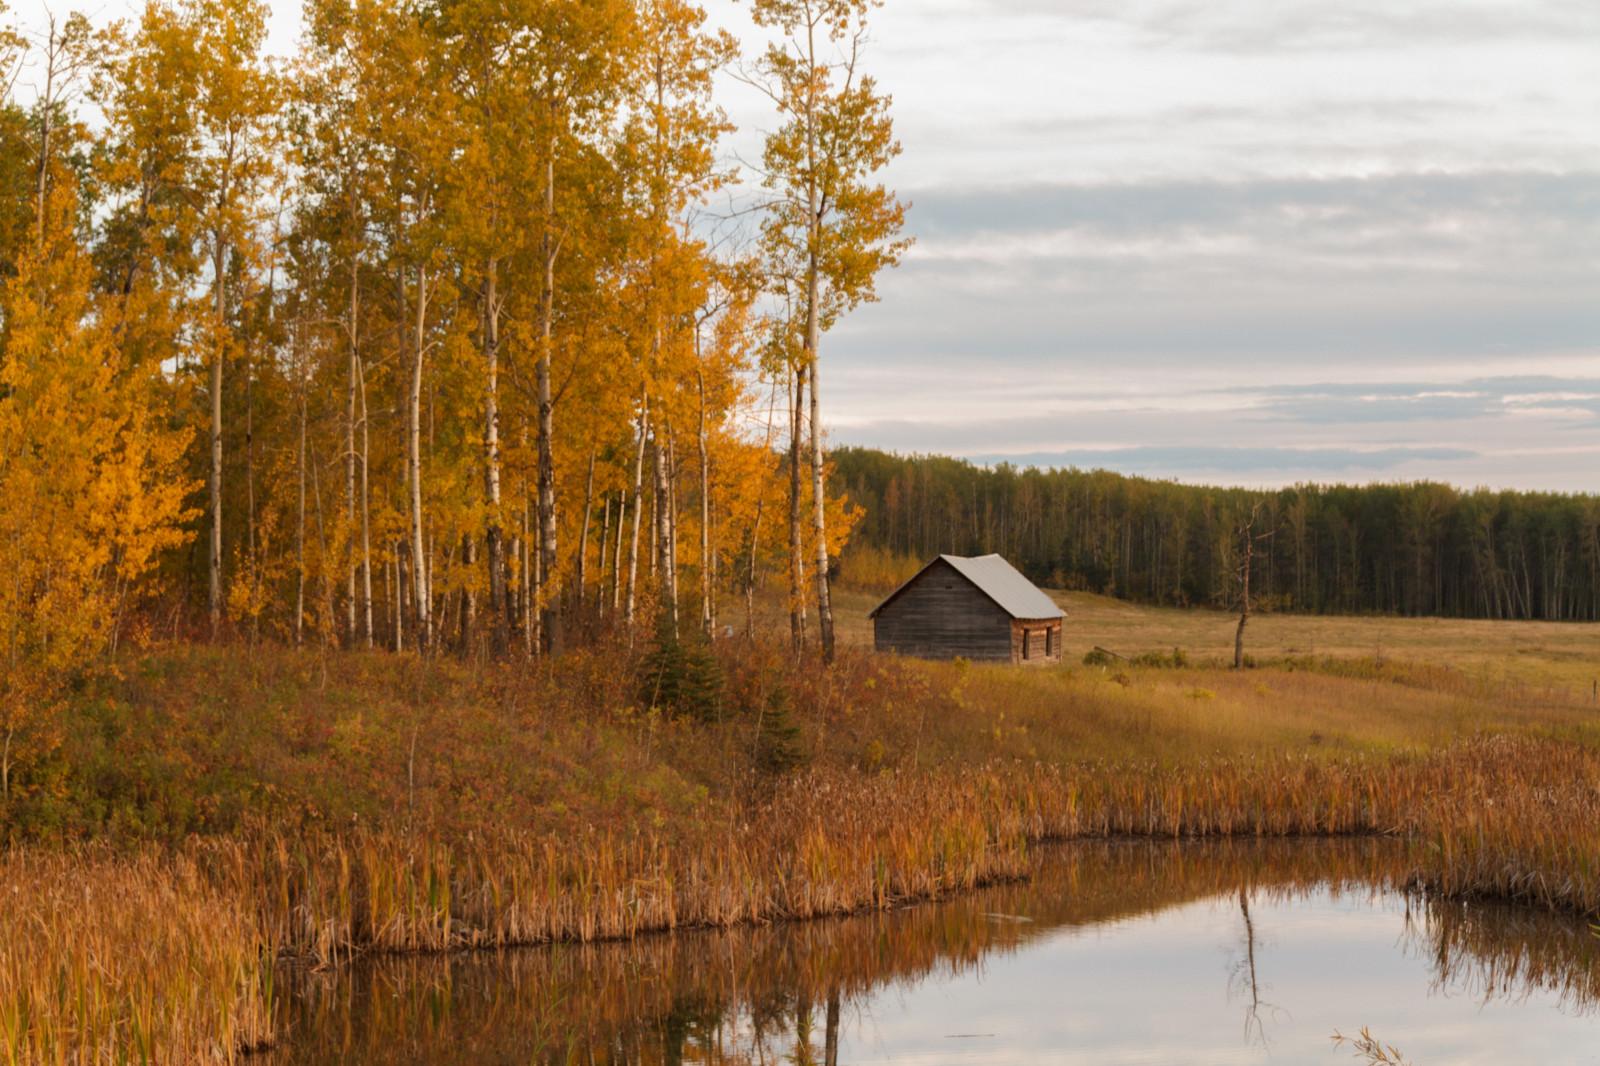 Sfondi paesaggio foresta autunno lago riflessione for Affitti cabina grande lago orso